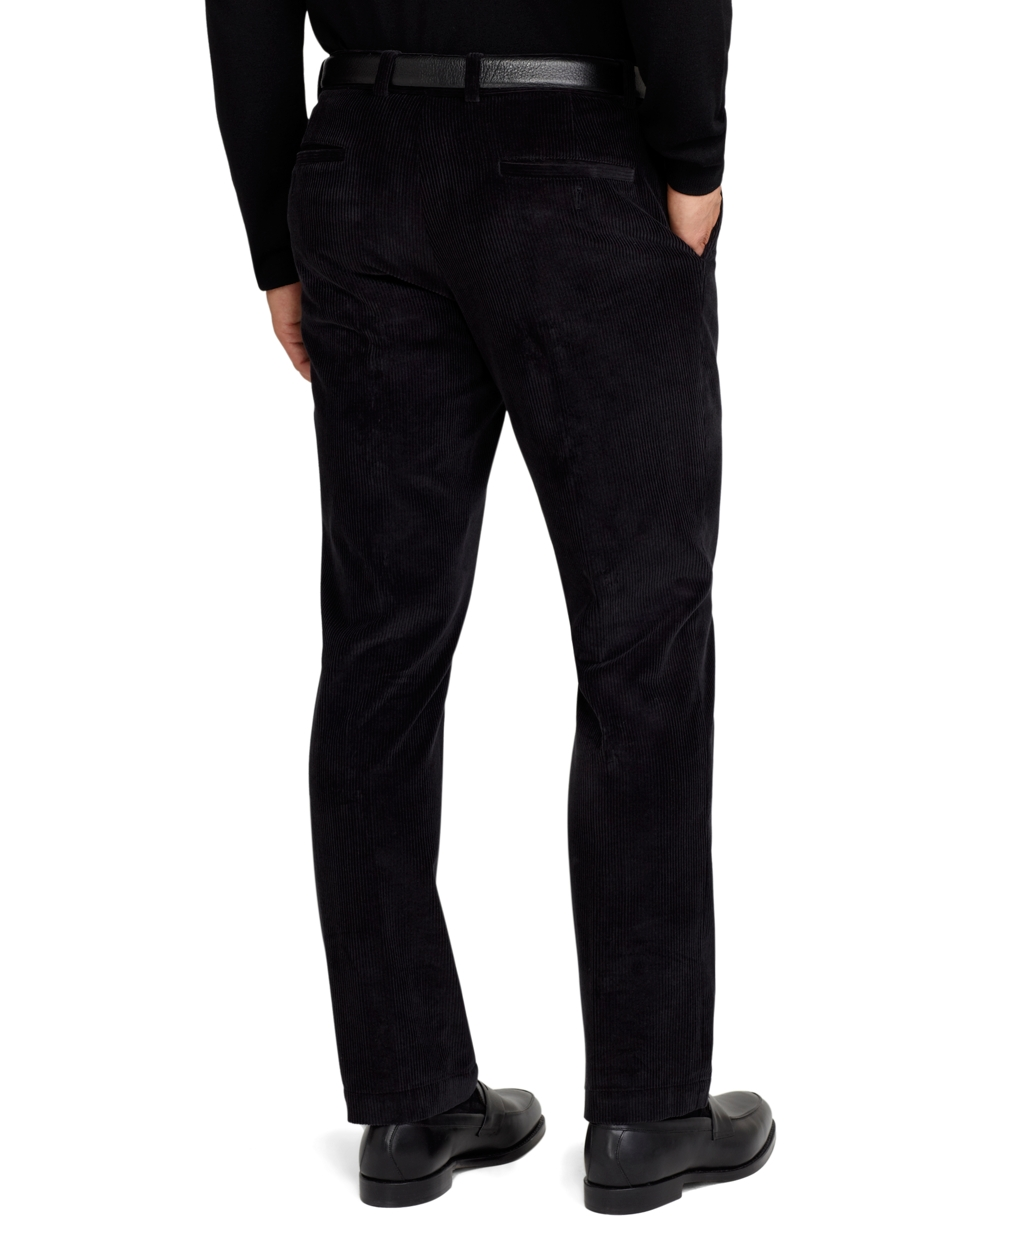 Mens Black Corduroy Pants - White Pants 2016